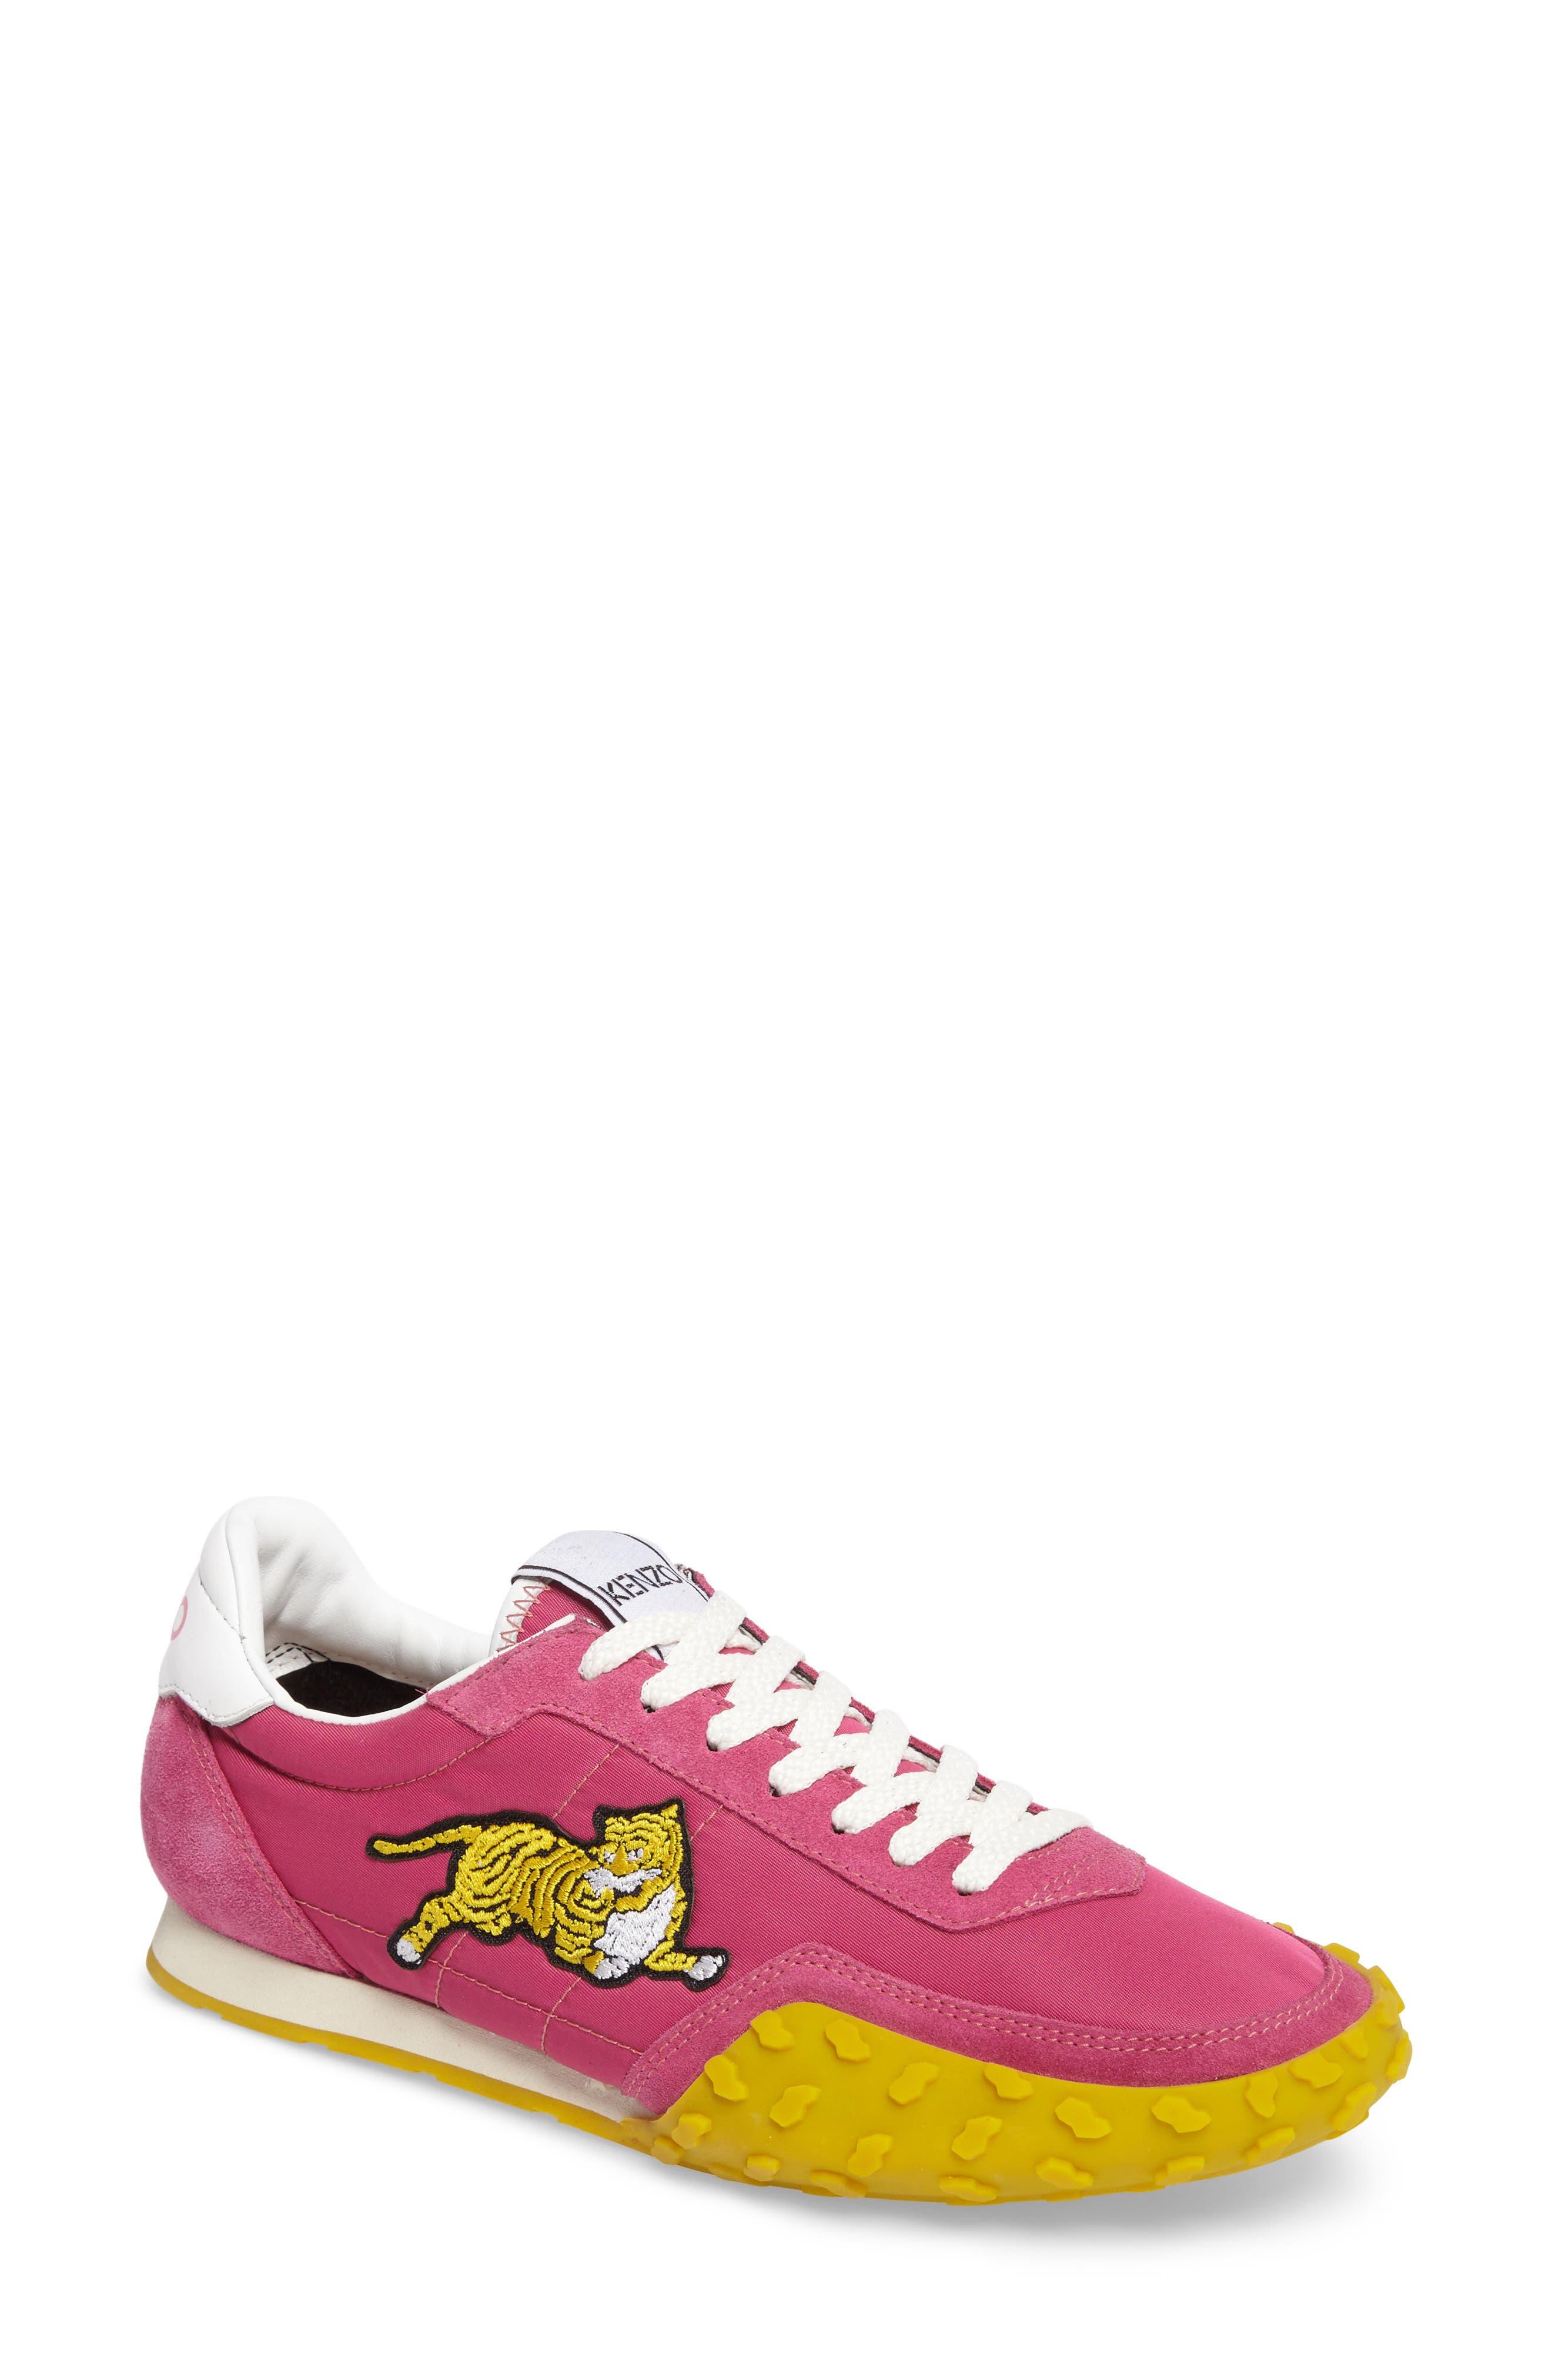 KENZO MOVE Sneaker (Women)